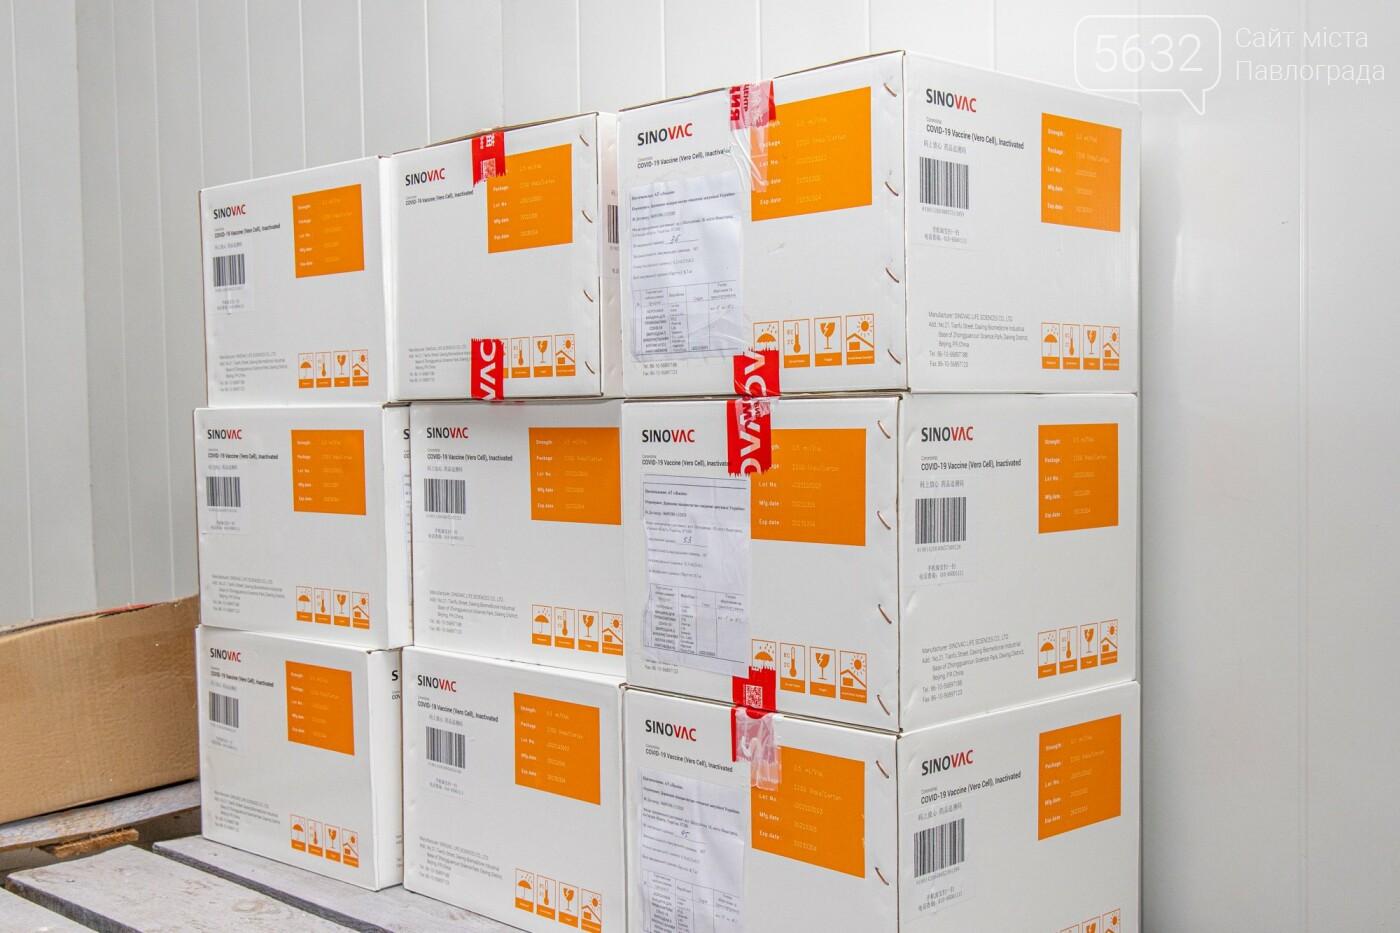 Днепропетровщина получила более 11,5 тыс. доз китайской вакцины от коронавируса, фото-3